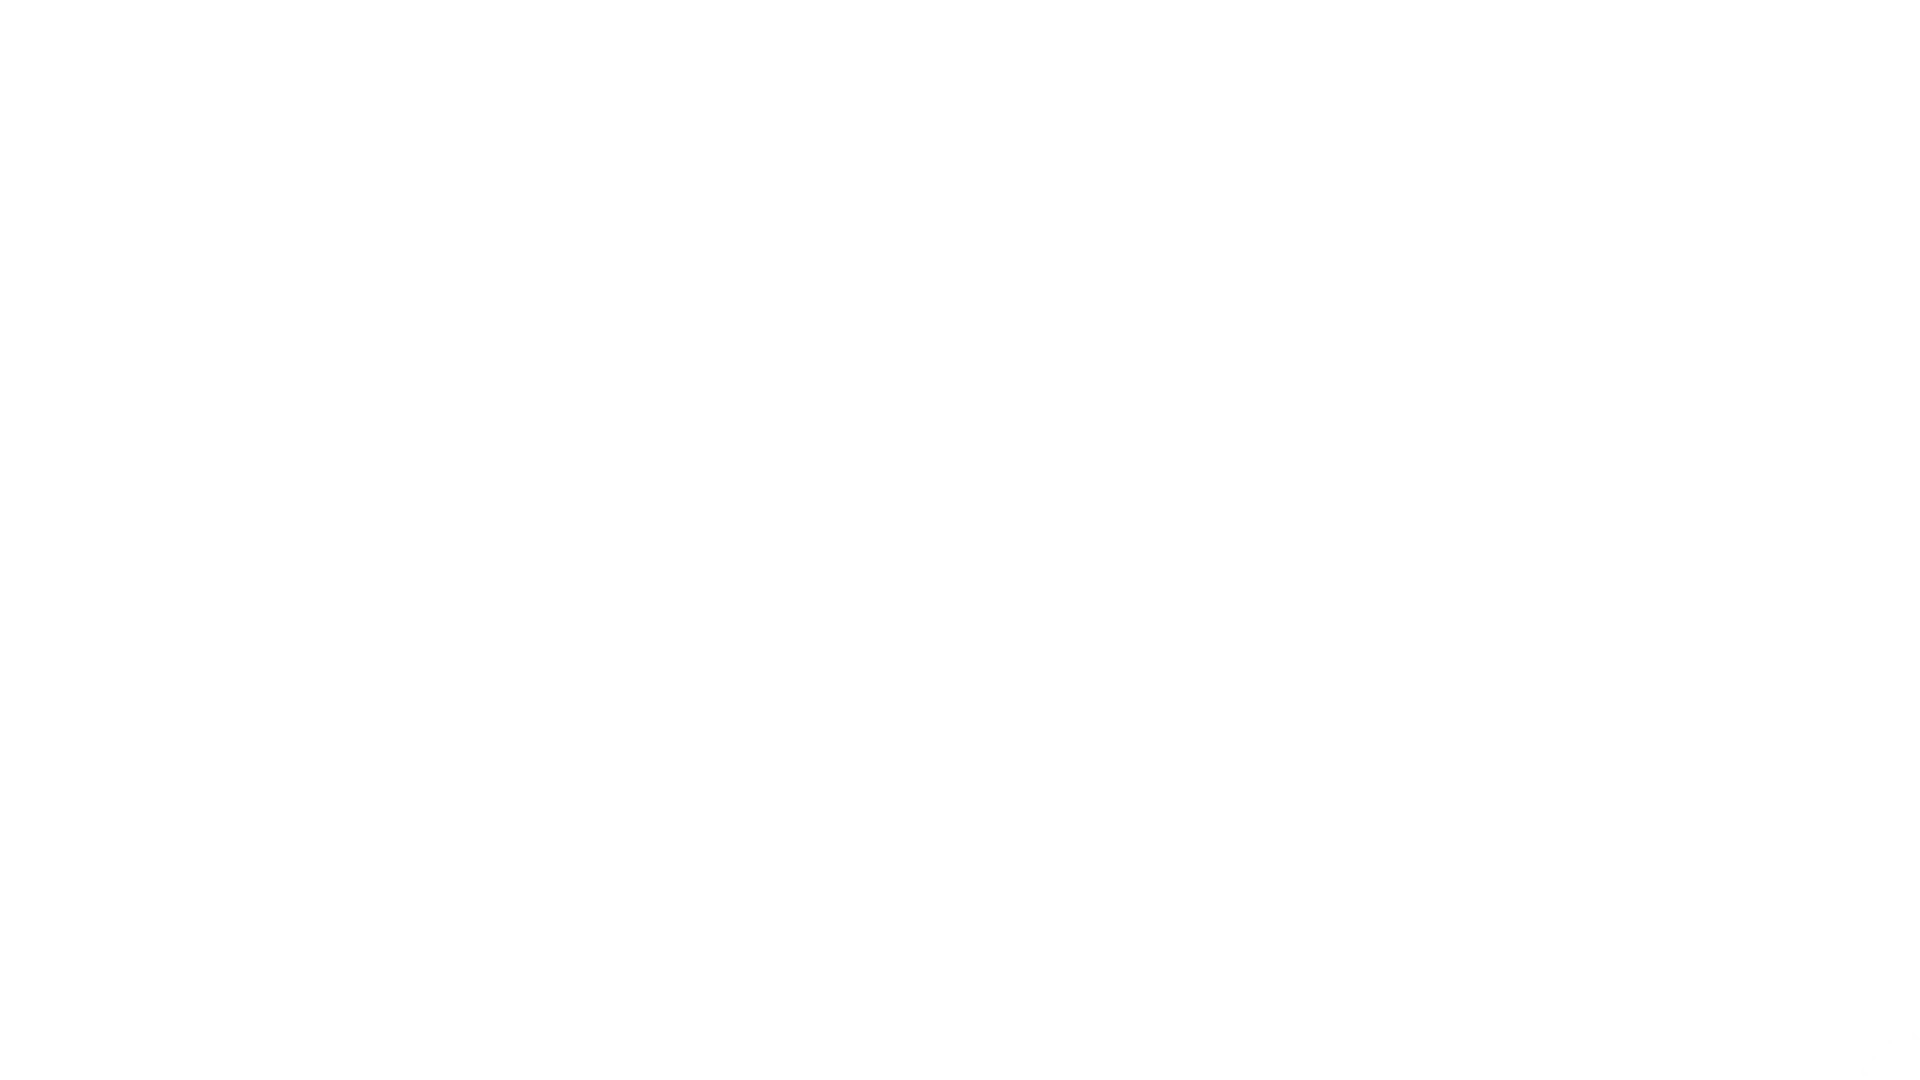 ※100個限定販売 至高下半身盗撮 プレミアム Vol.31 ハイビジョン OL   盗撮エロすぎ  24連発 12